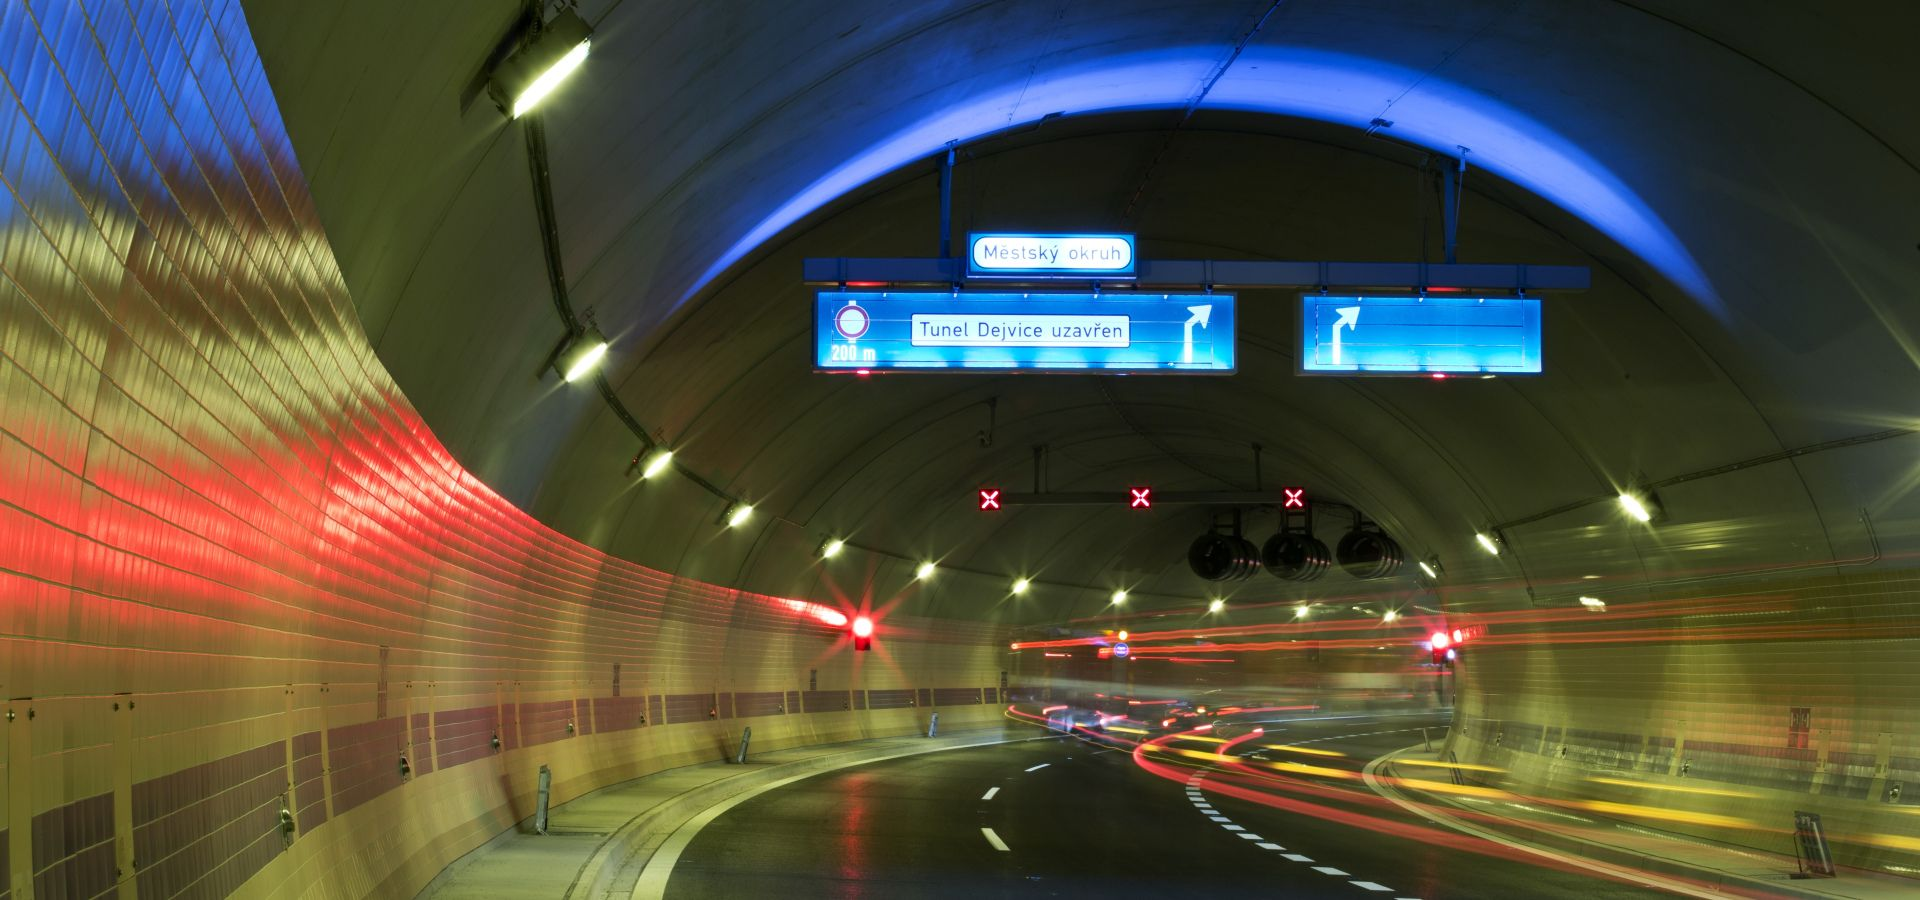 Tunelový komplex Blanka. Foto: Satra